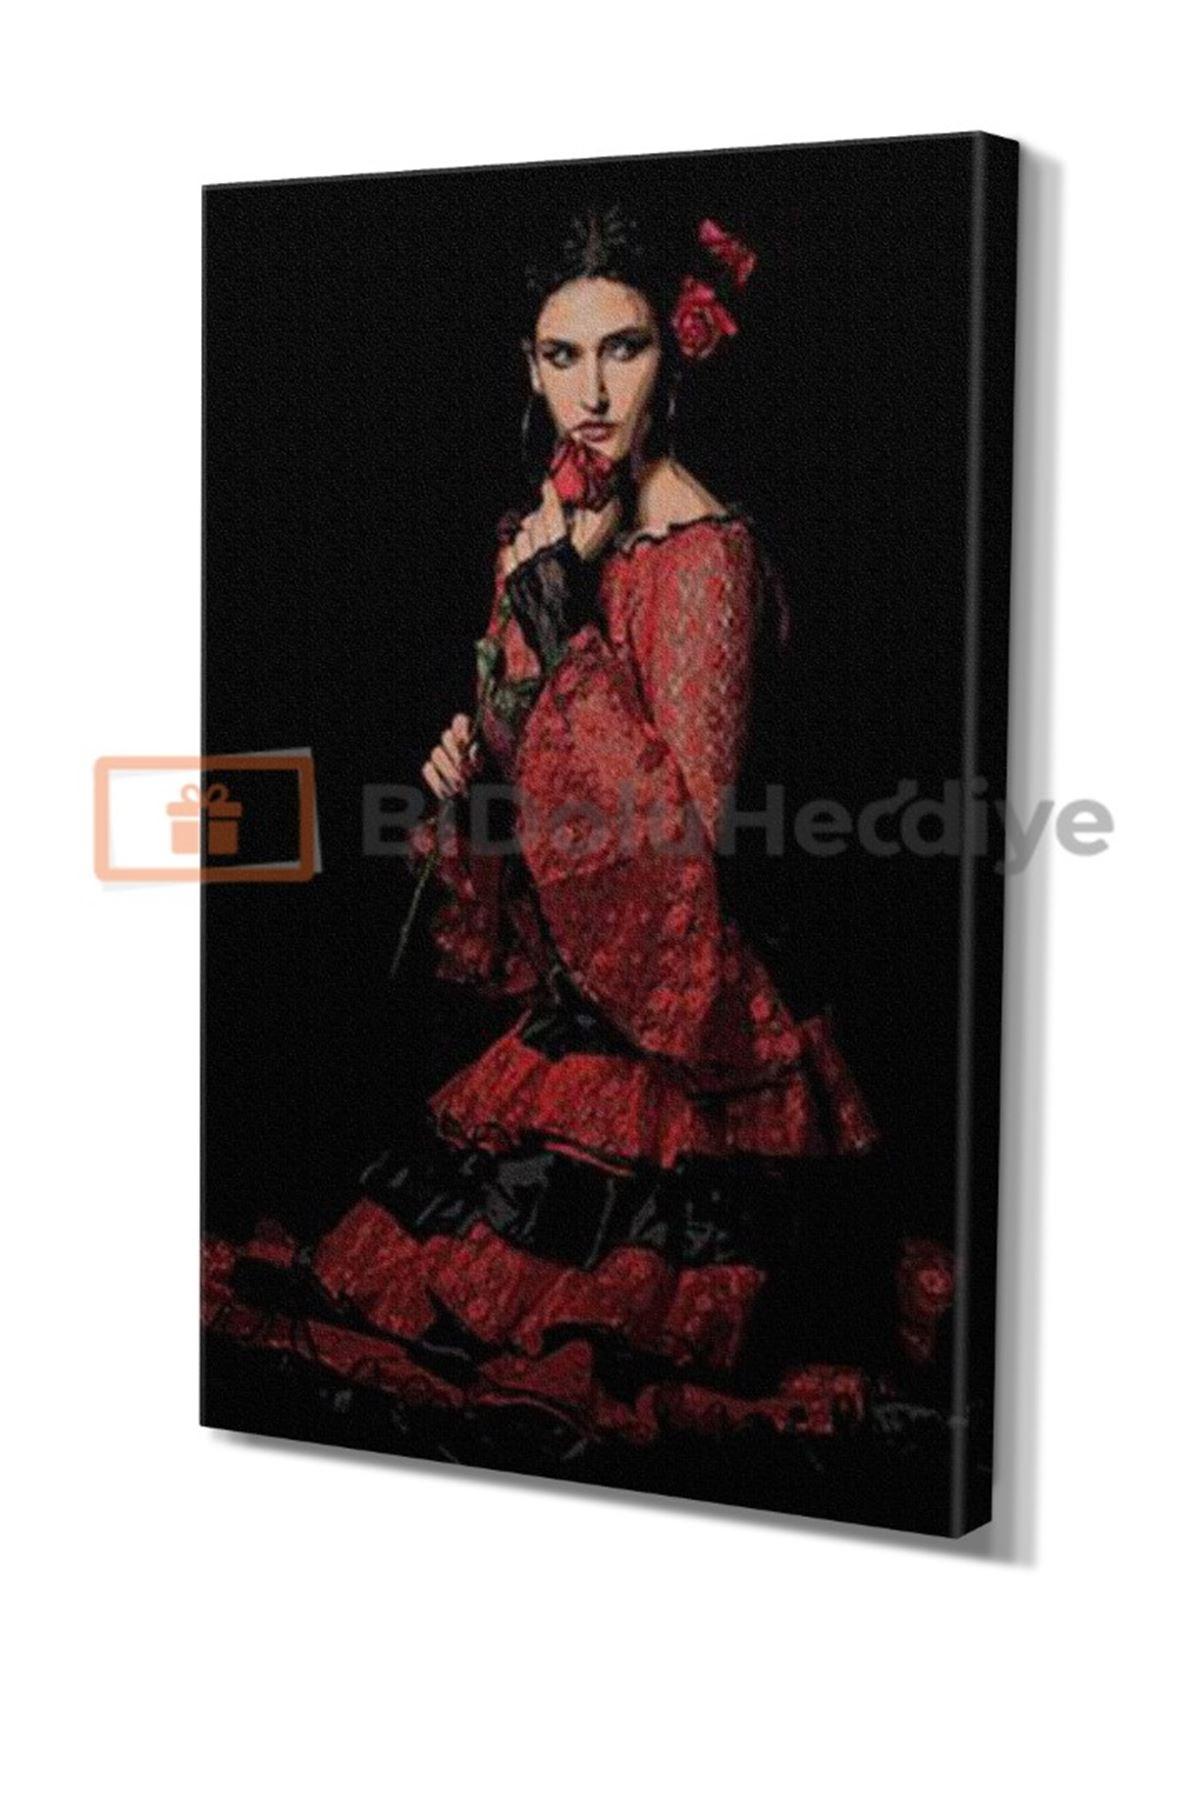 Flamenko Dansçı Kadın,  Flamenco Dancer Woman